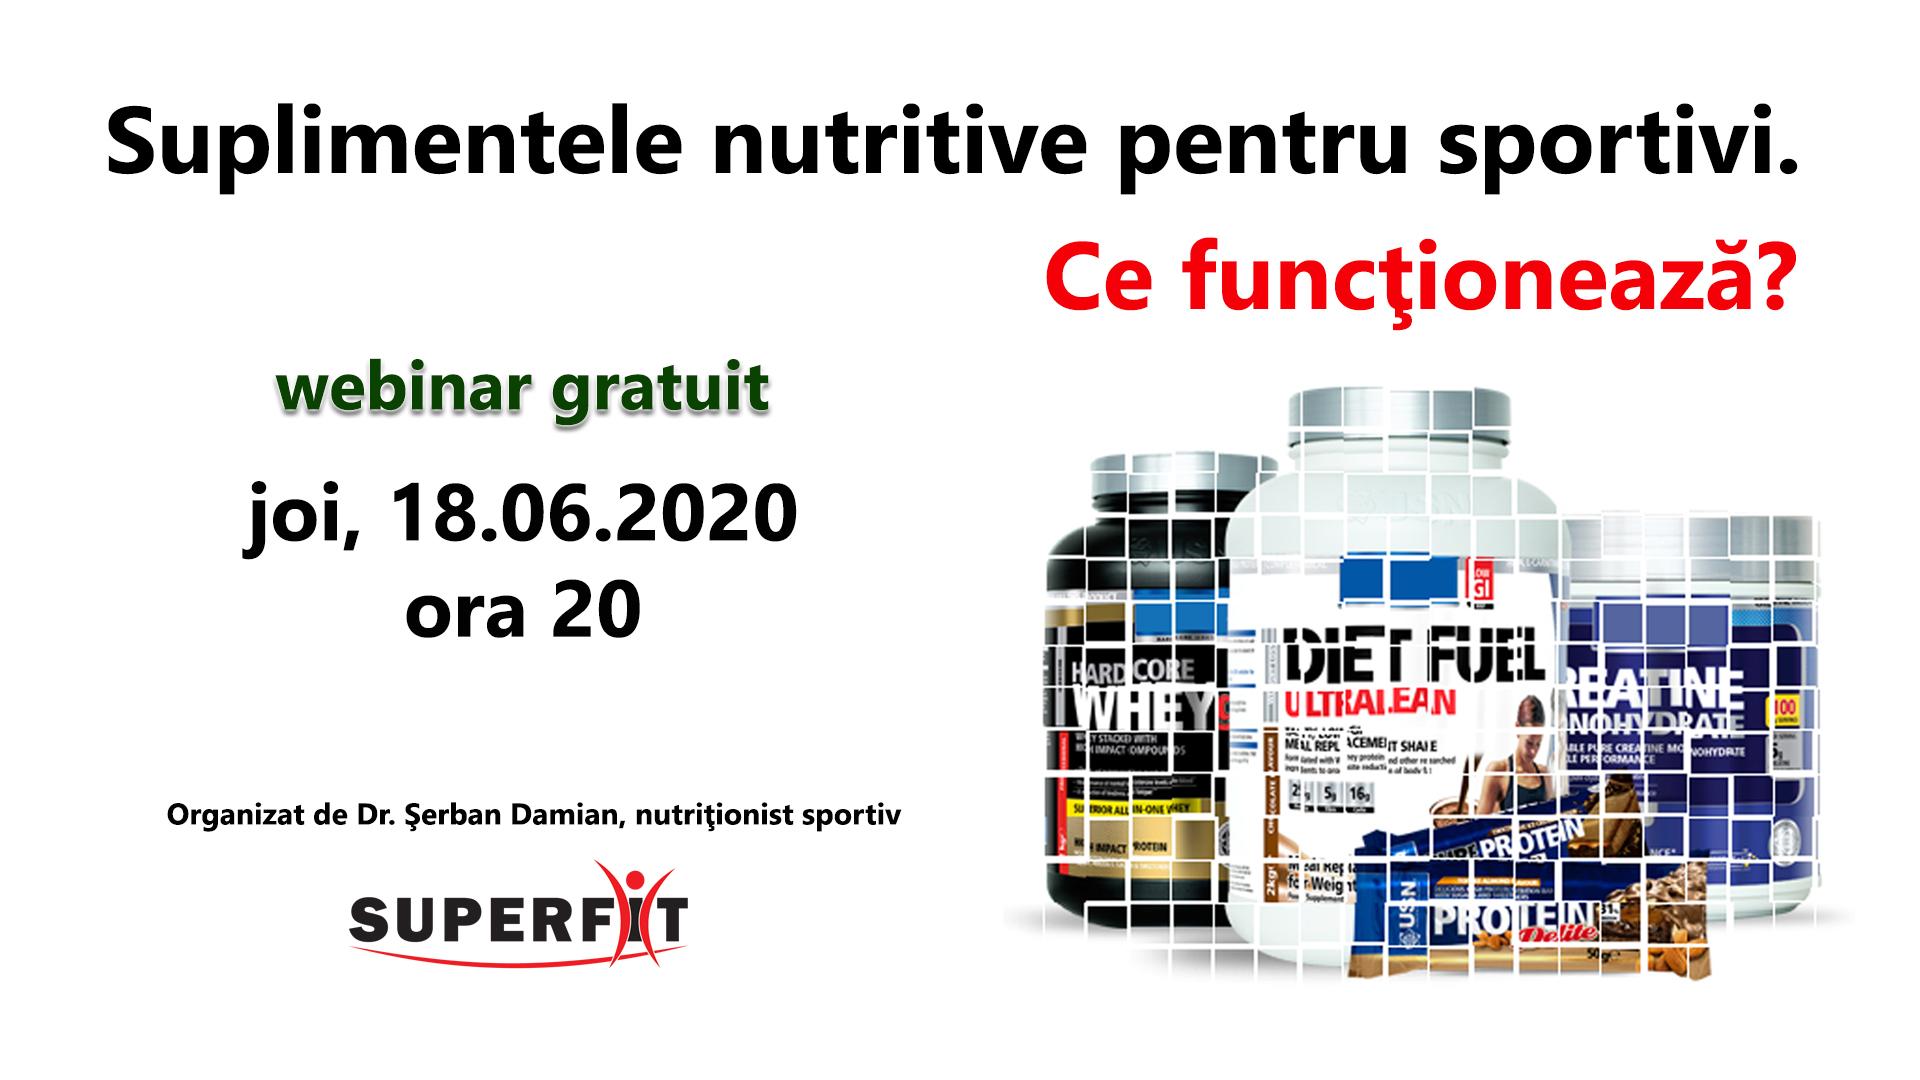 Webinar despre suplimentele nutritive pentru sportivi, 18.06.2020